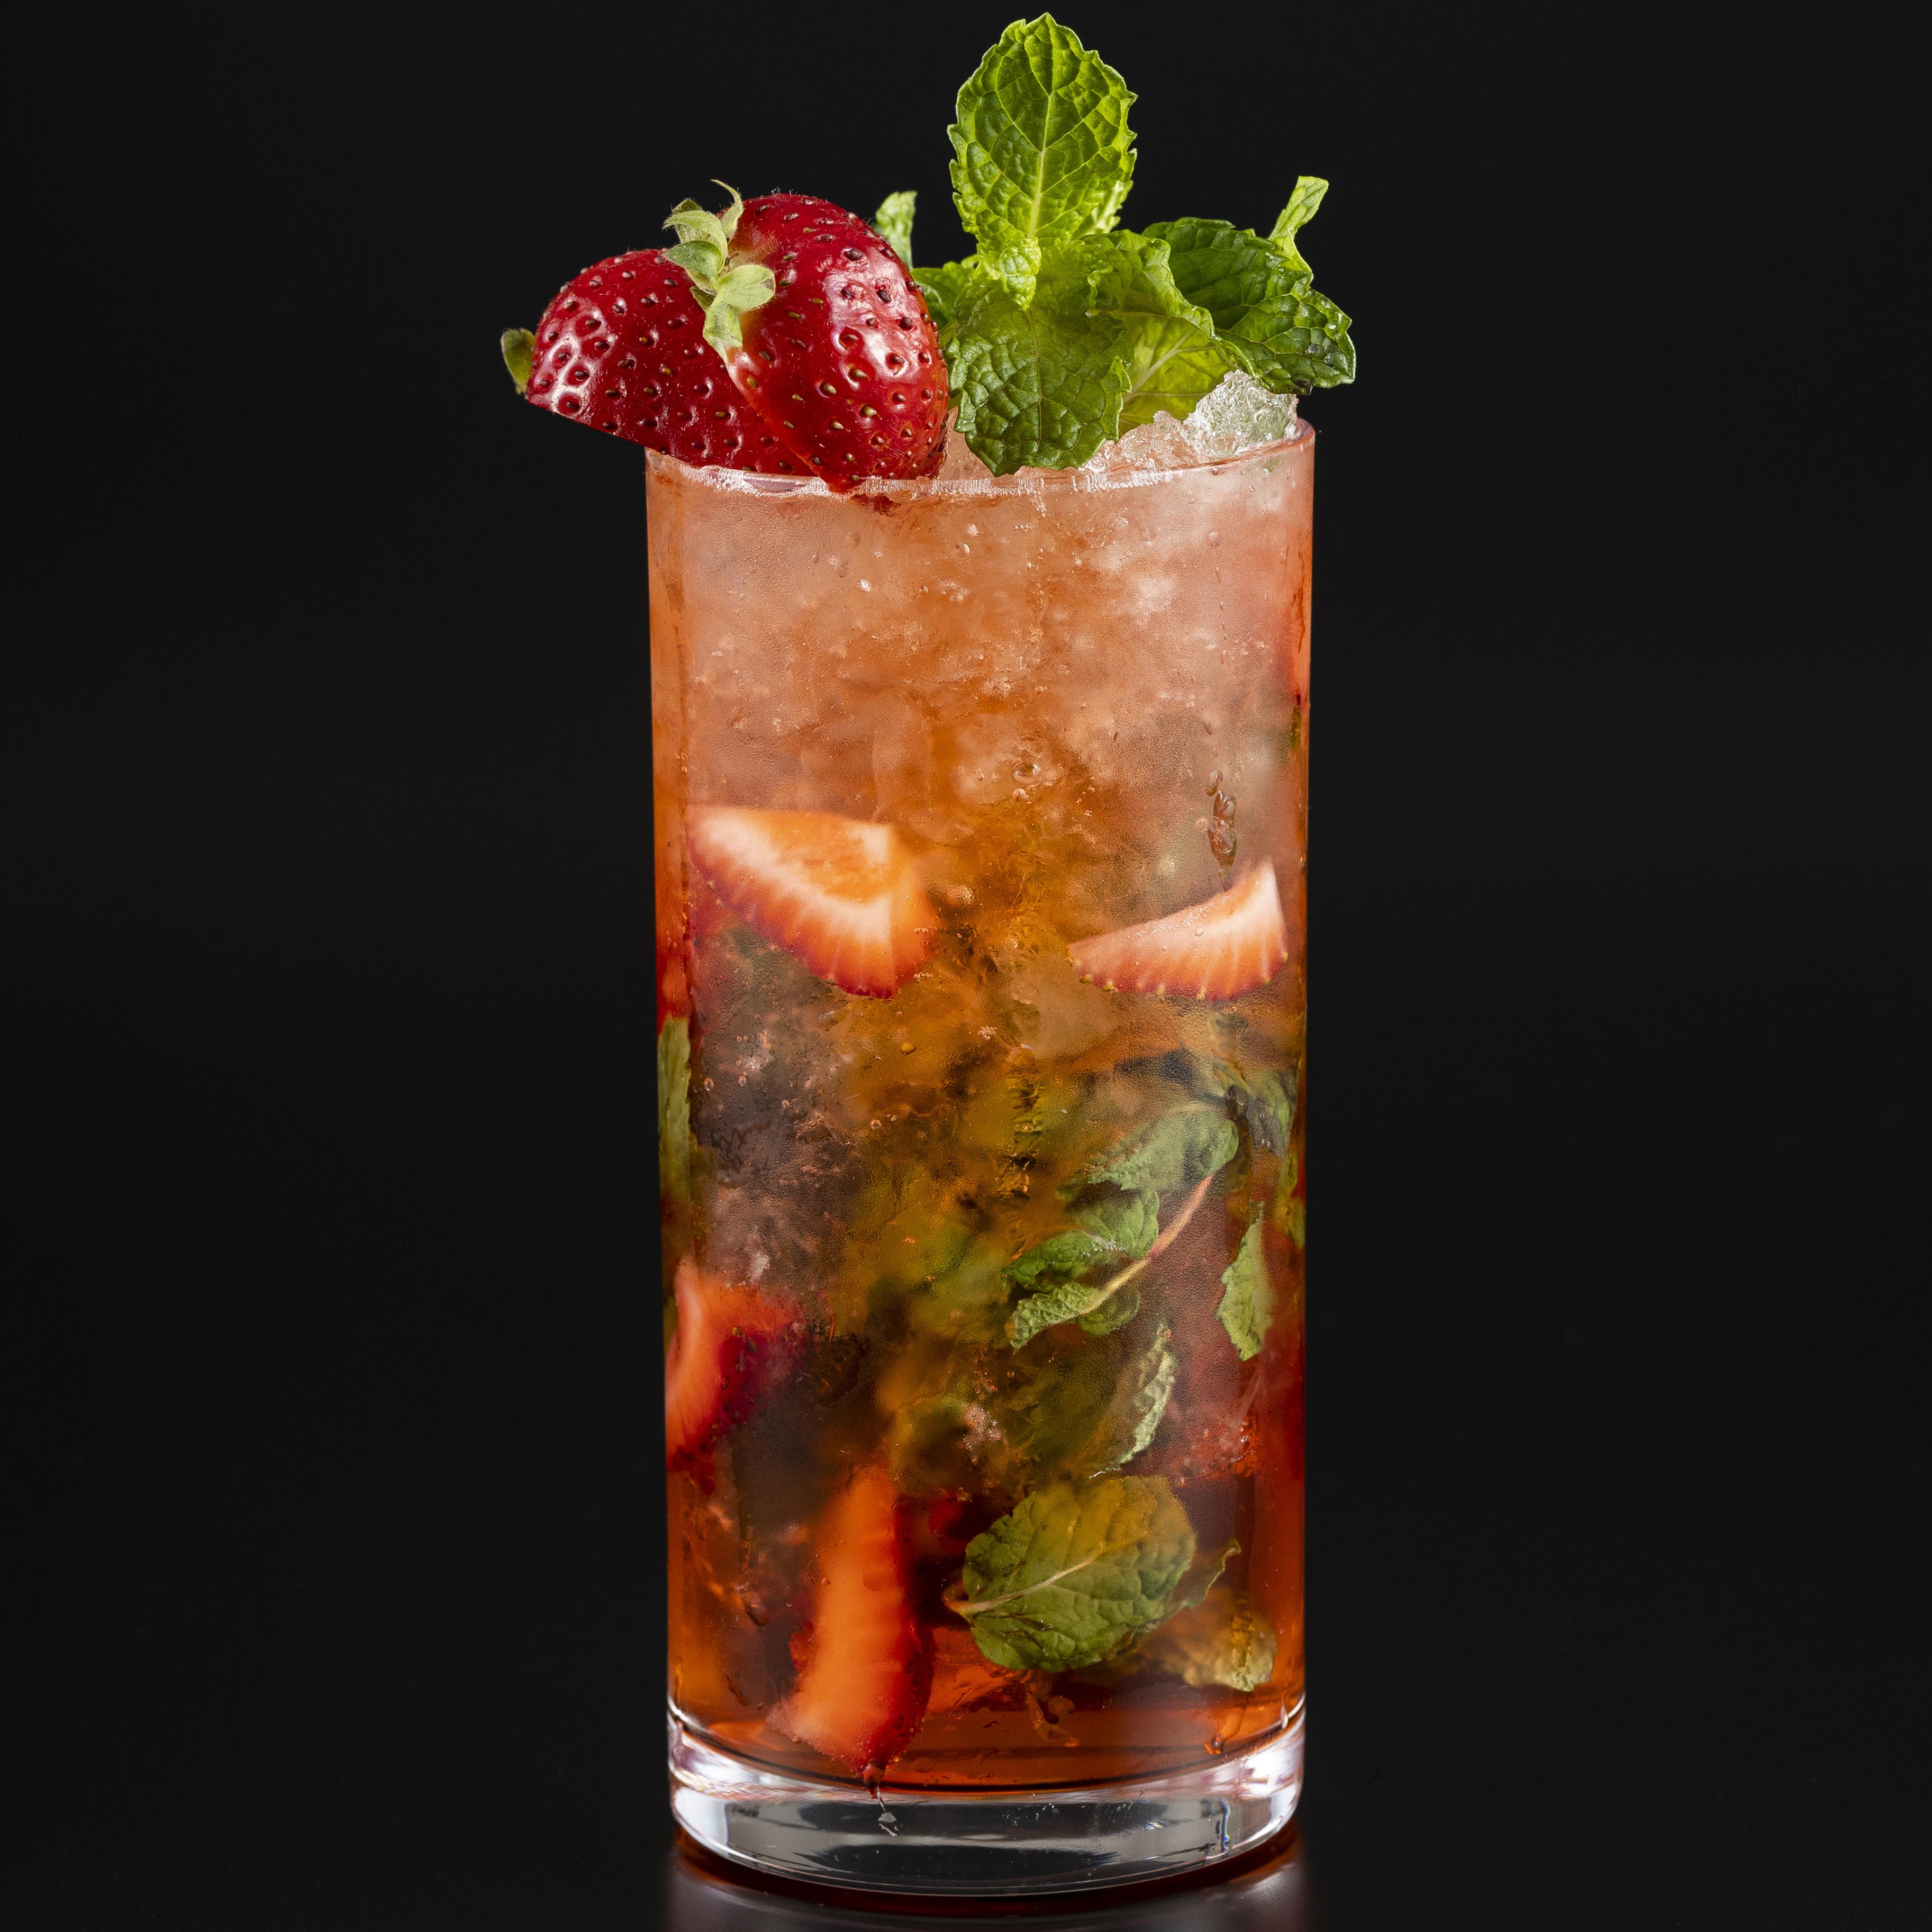 Fresh Strawberry Cocktail Fair ~フレッシュストロベリーカクテルフェア~